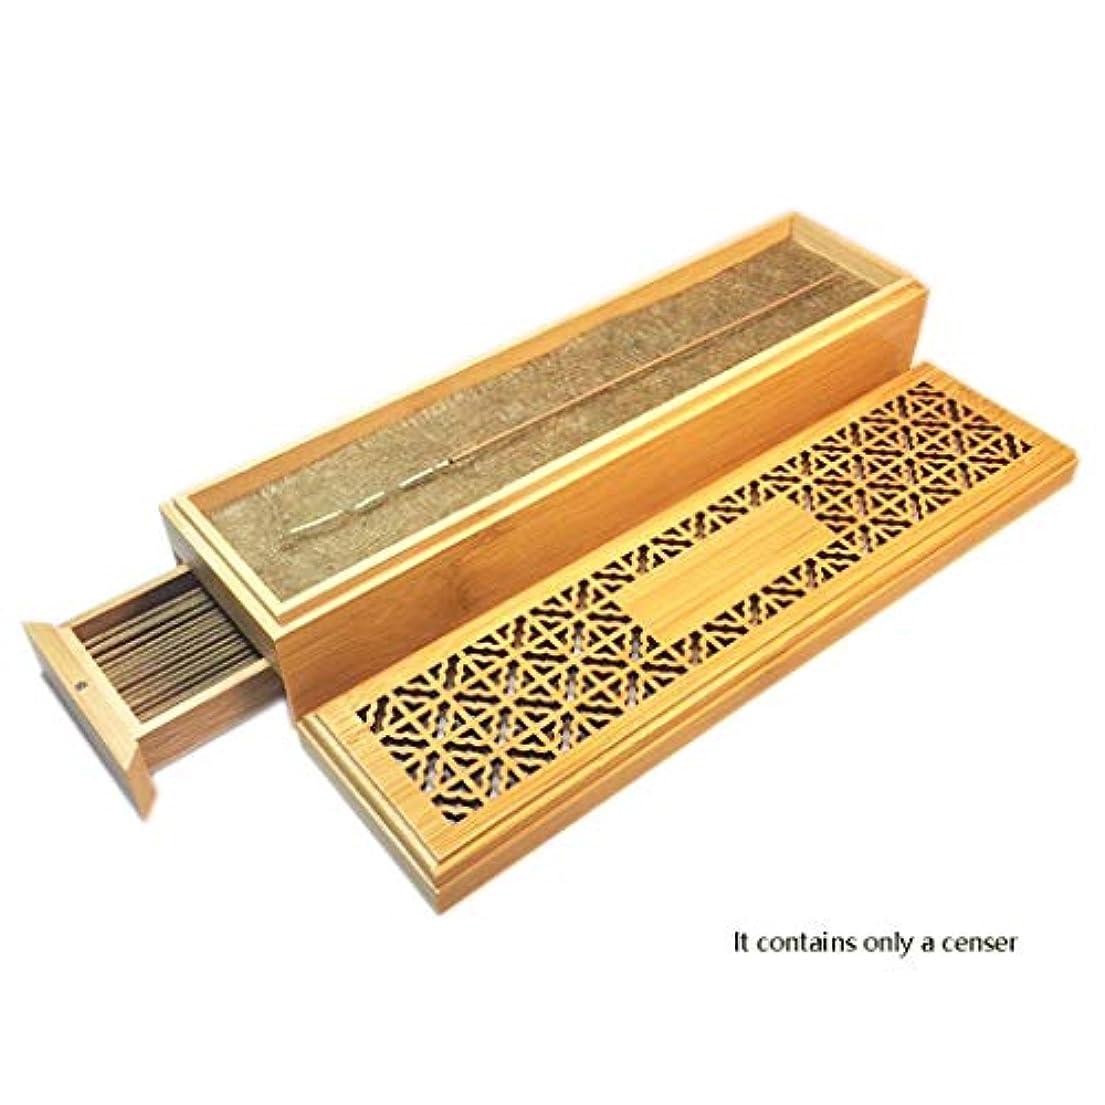 放置怒っている延ばすホームアロマバーナー 竹製お香バーナー引き出し付スティック収納ボックス中空木製ケースボックスIncensoスティックホルダー 芳香器アロマバーナー (Color : Natural)